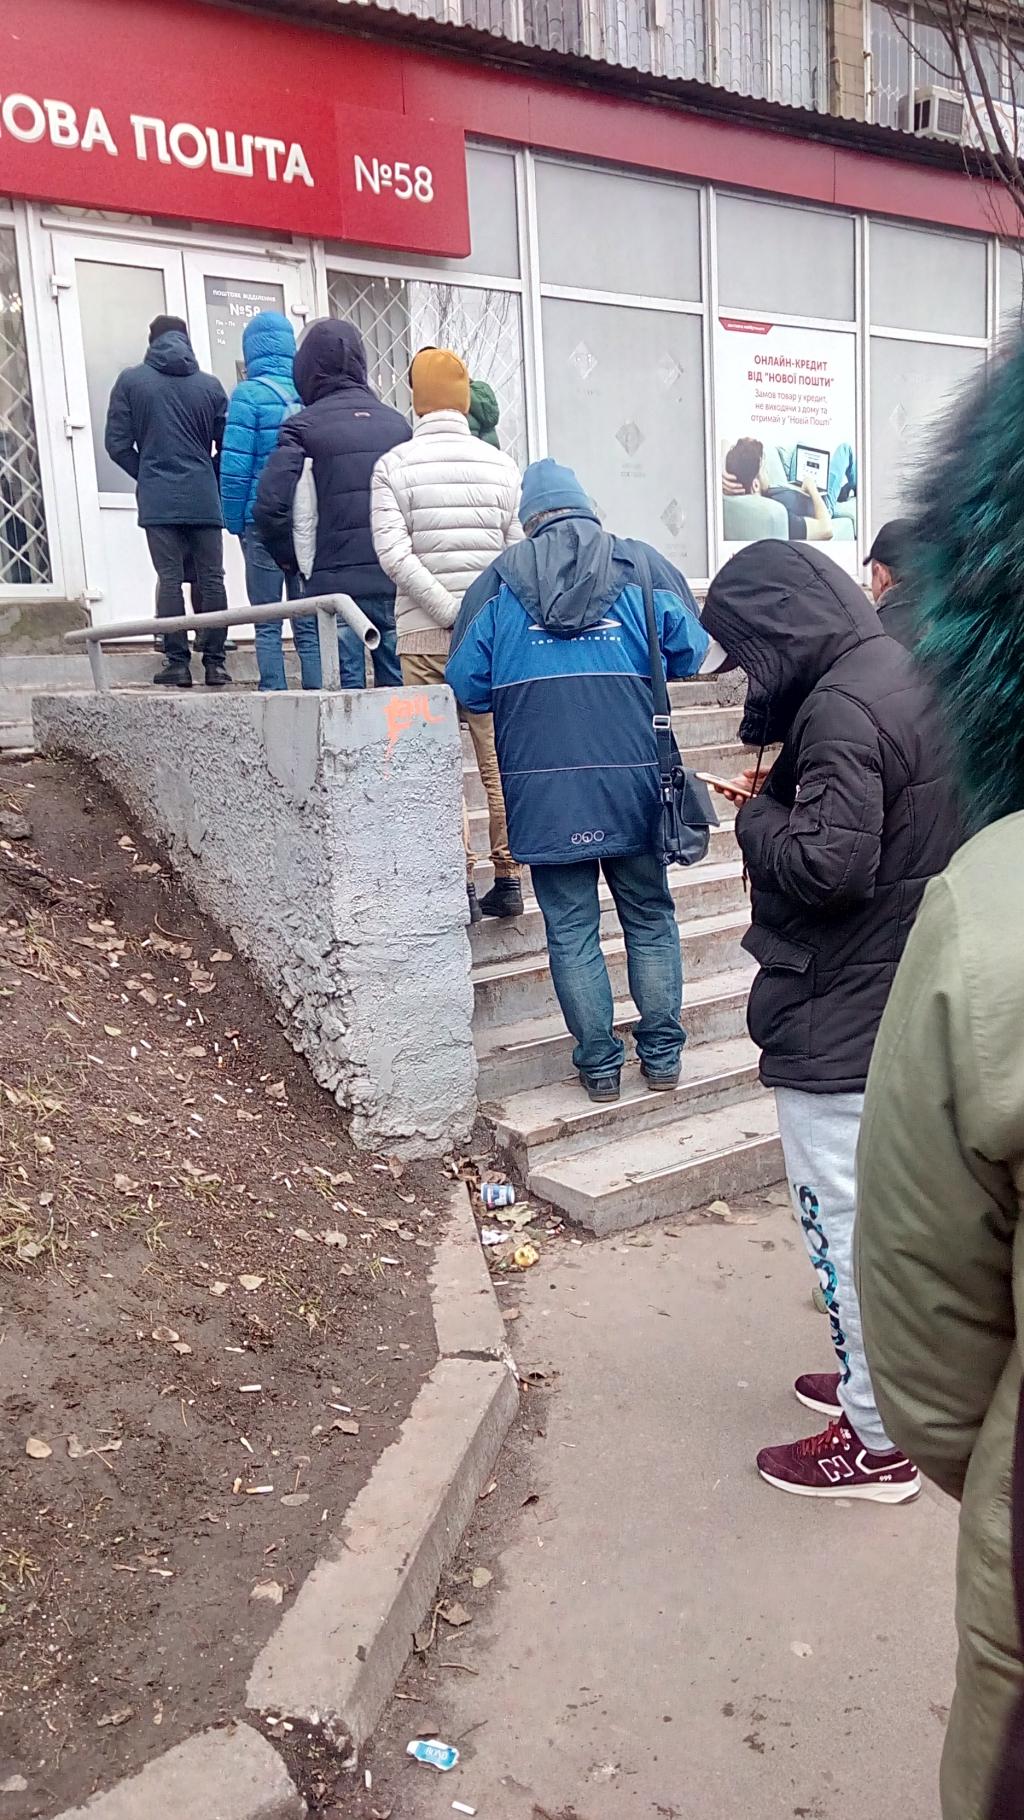 НОВАЯ ПОЧТА (Нова Пошта) - Отвратительная работа Новой почты